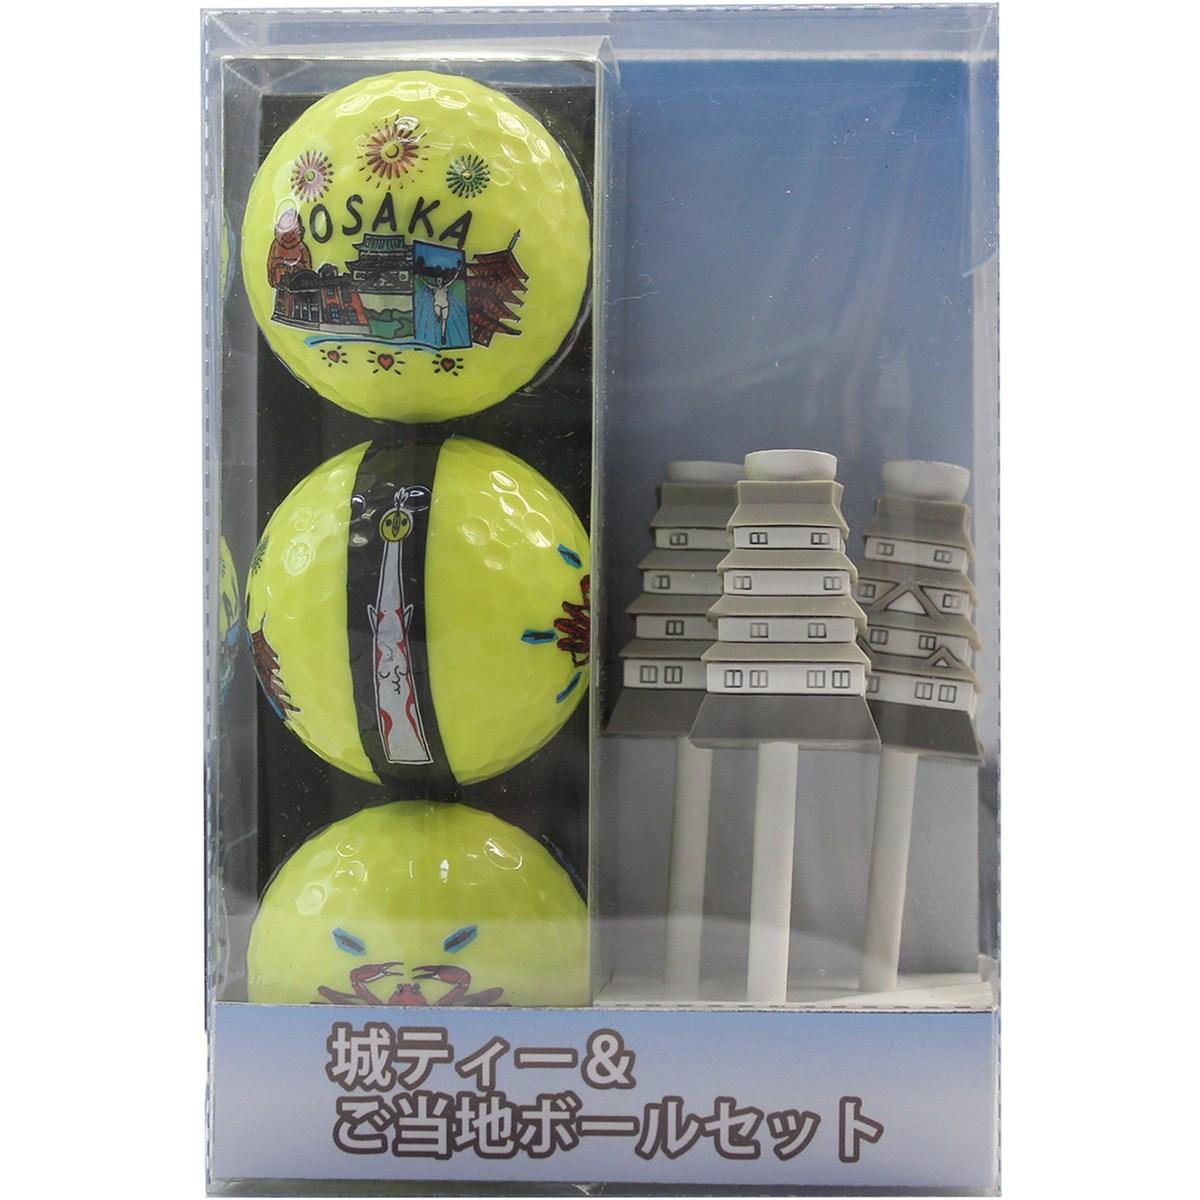 その他メーカー ホクシン交易 大阪城ティー3本&大阪ボール3個セット